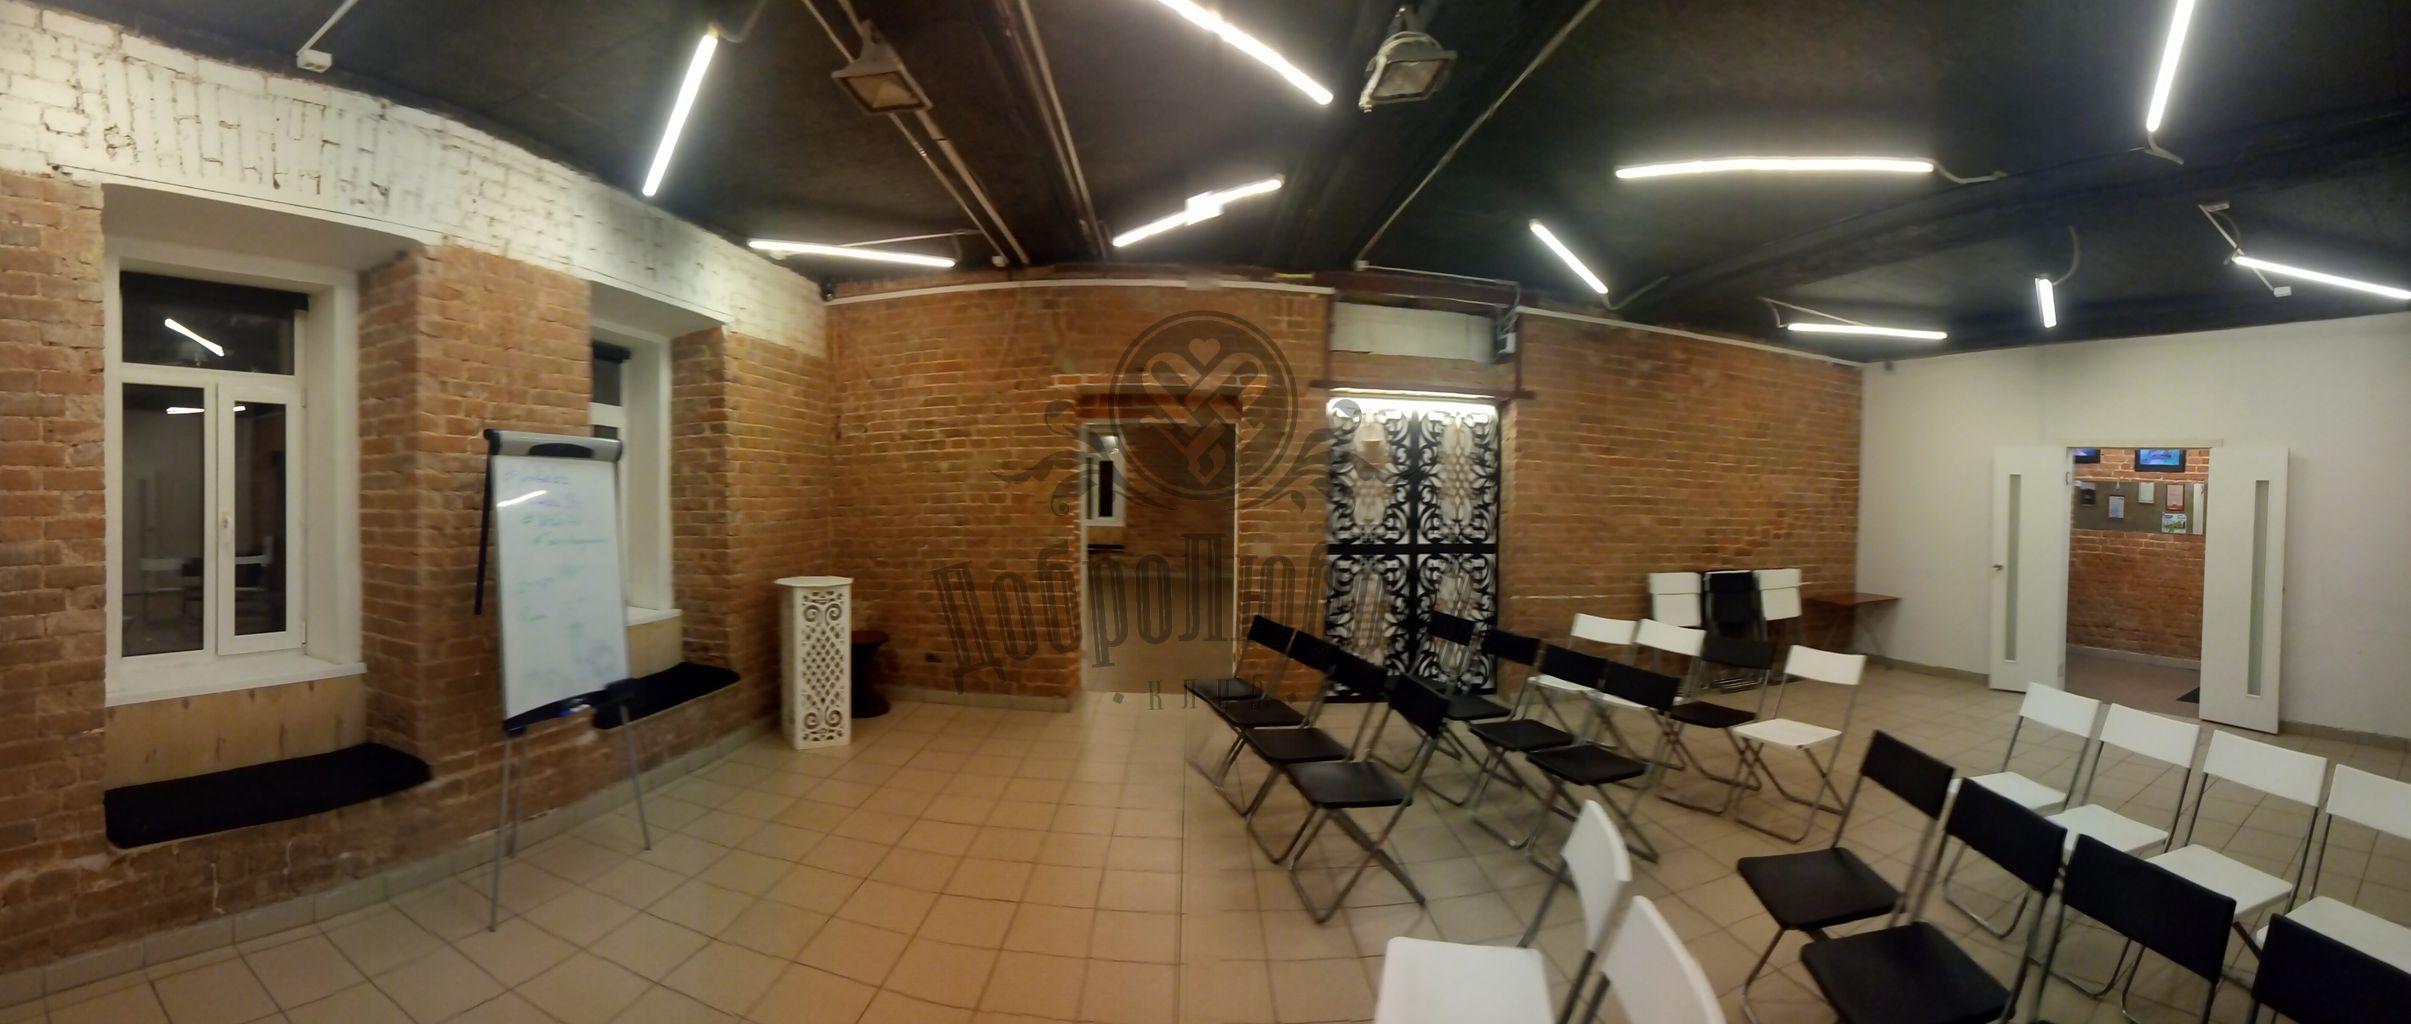 Аренда зала в Центре Екатеринбурга